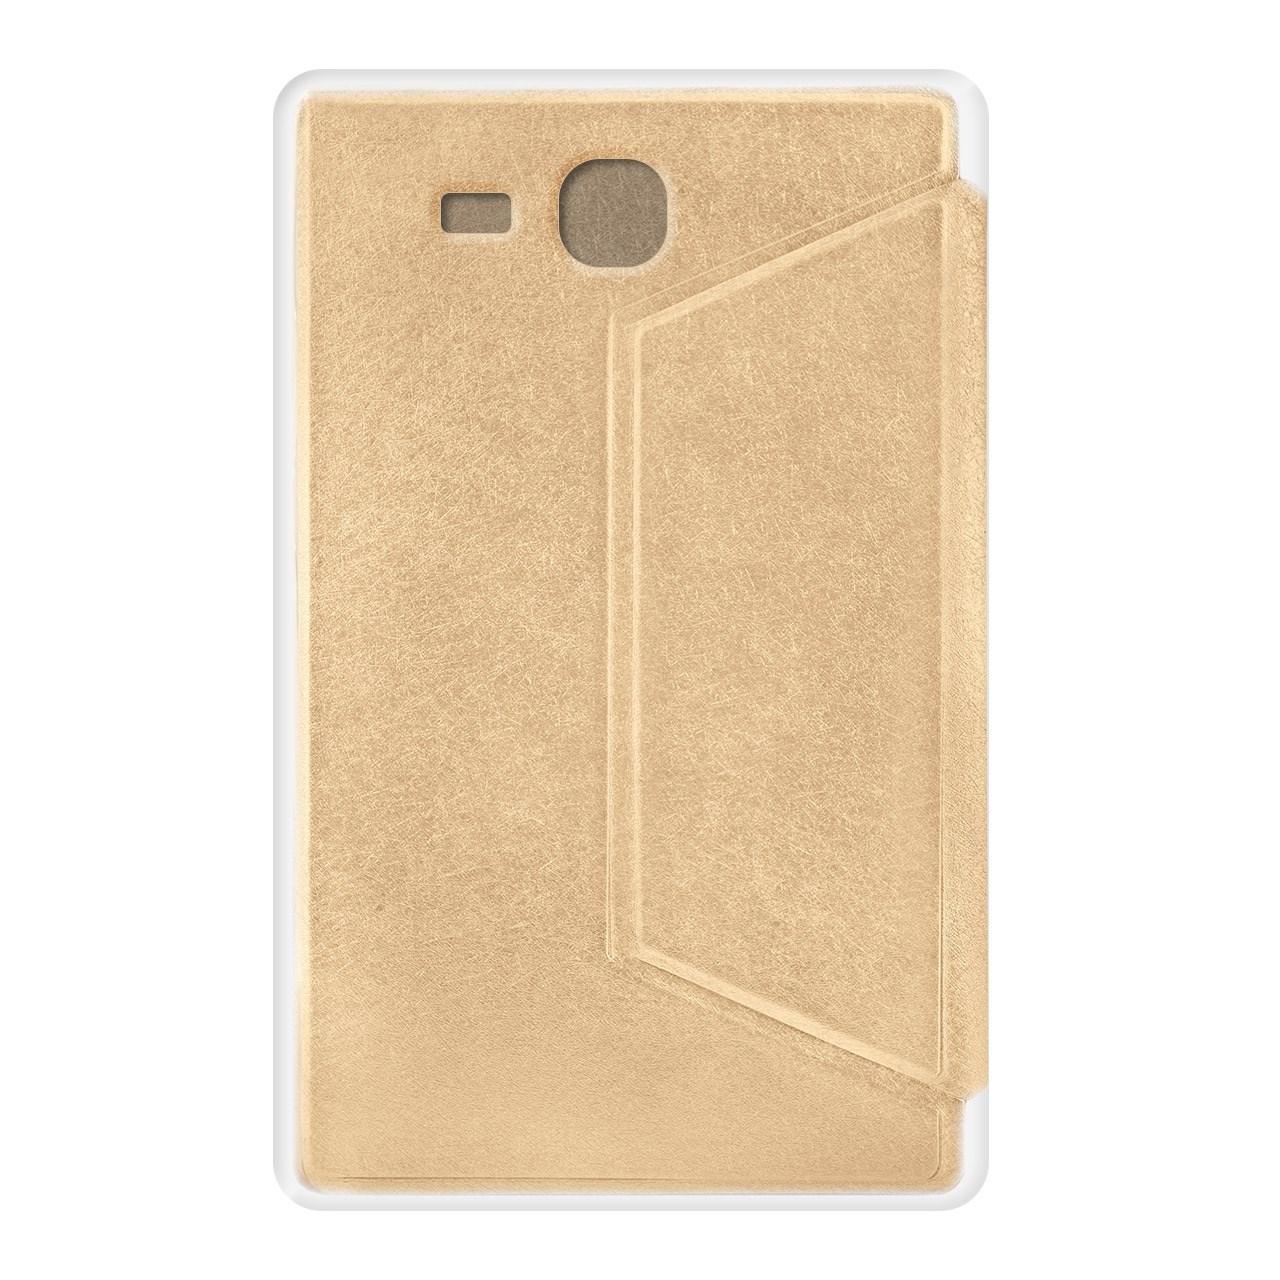 کیف کلاسوری مدل Folio Cover مناسب برای تبلت سامسونگ گلکسی Tab A 7.0 2016-T285